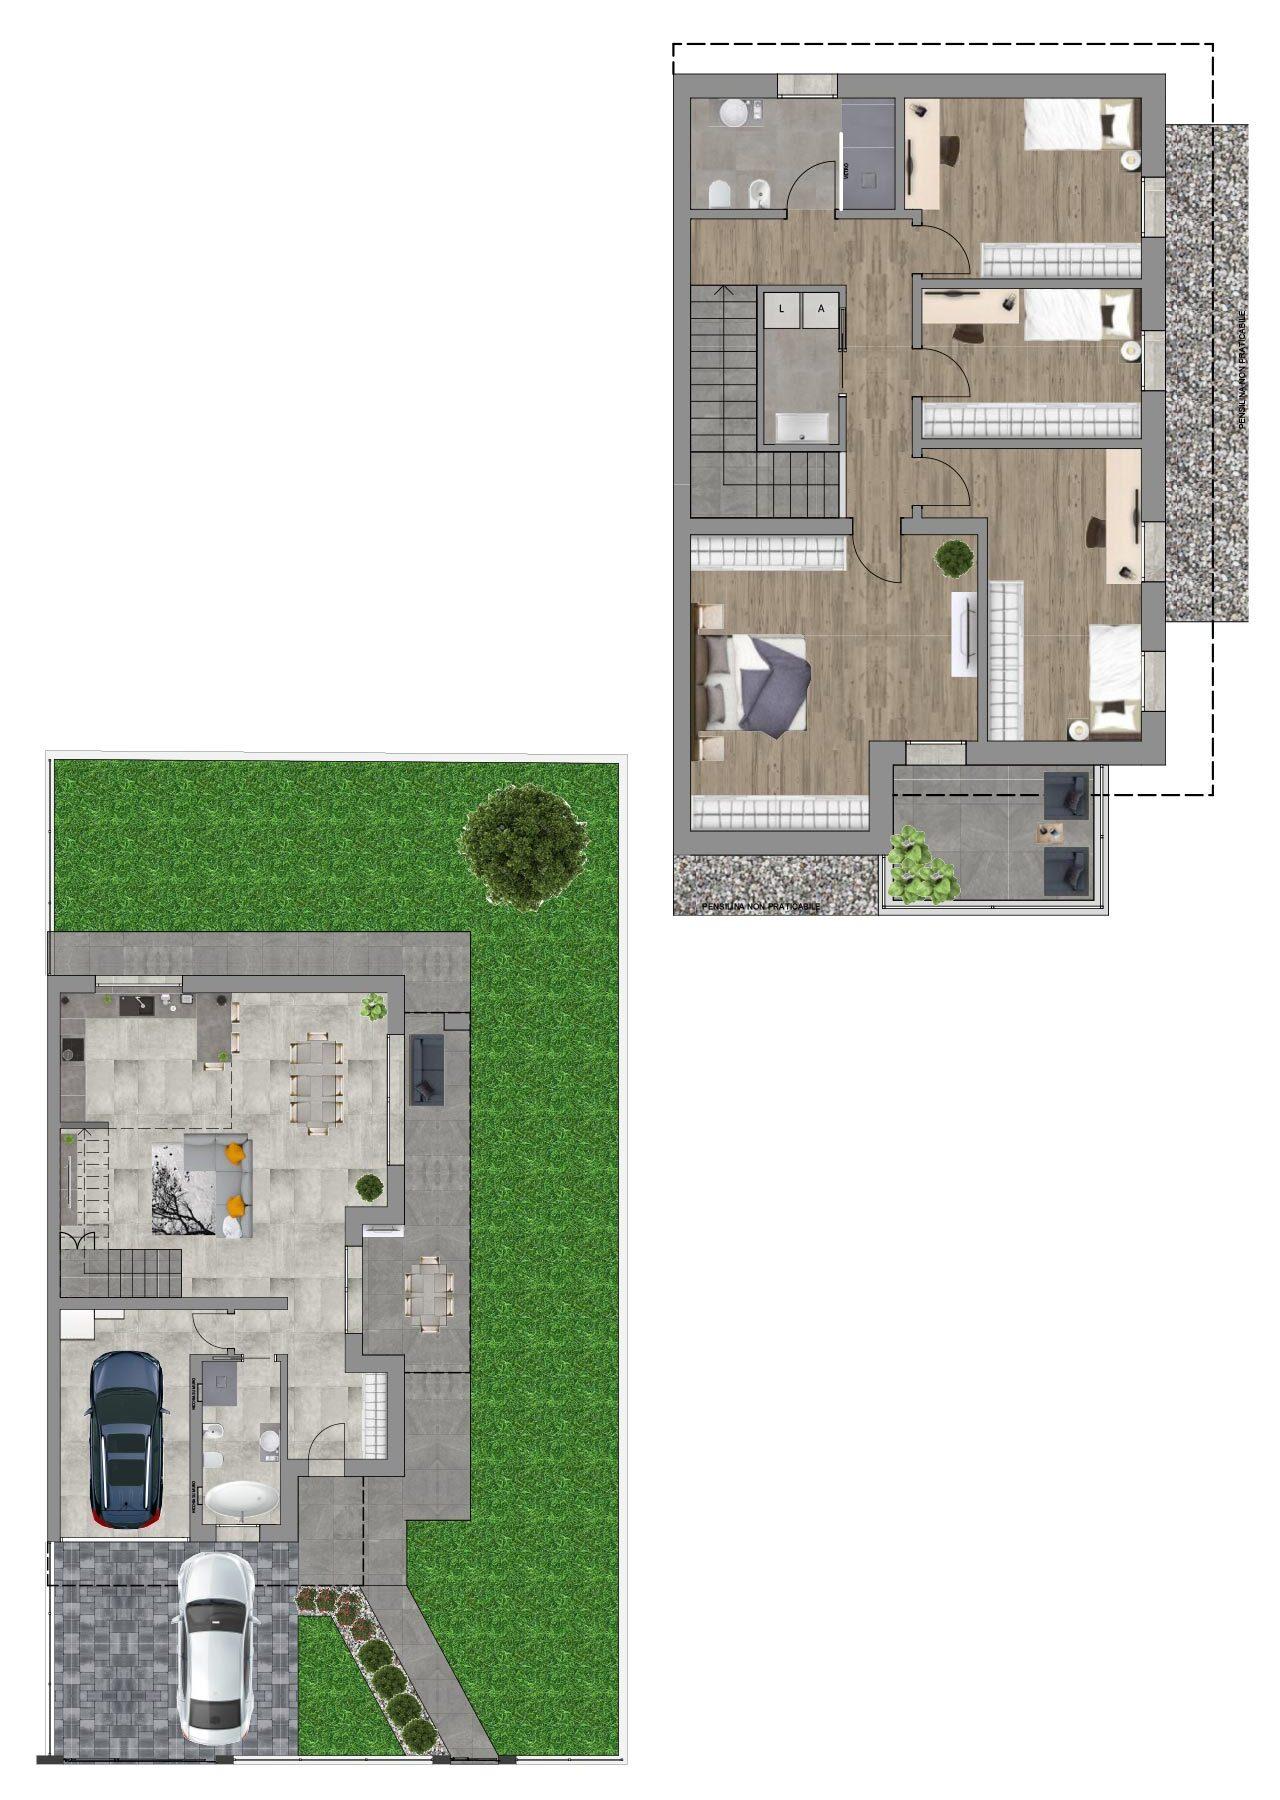 Planimetria nuova costruzione Borgoricco Padova porzione est, Fam Real Estate